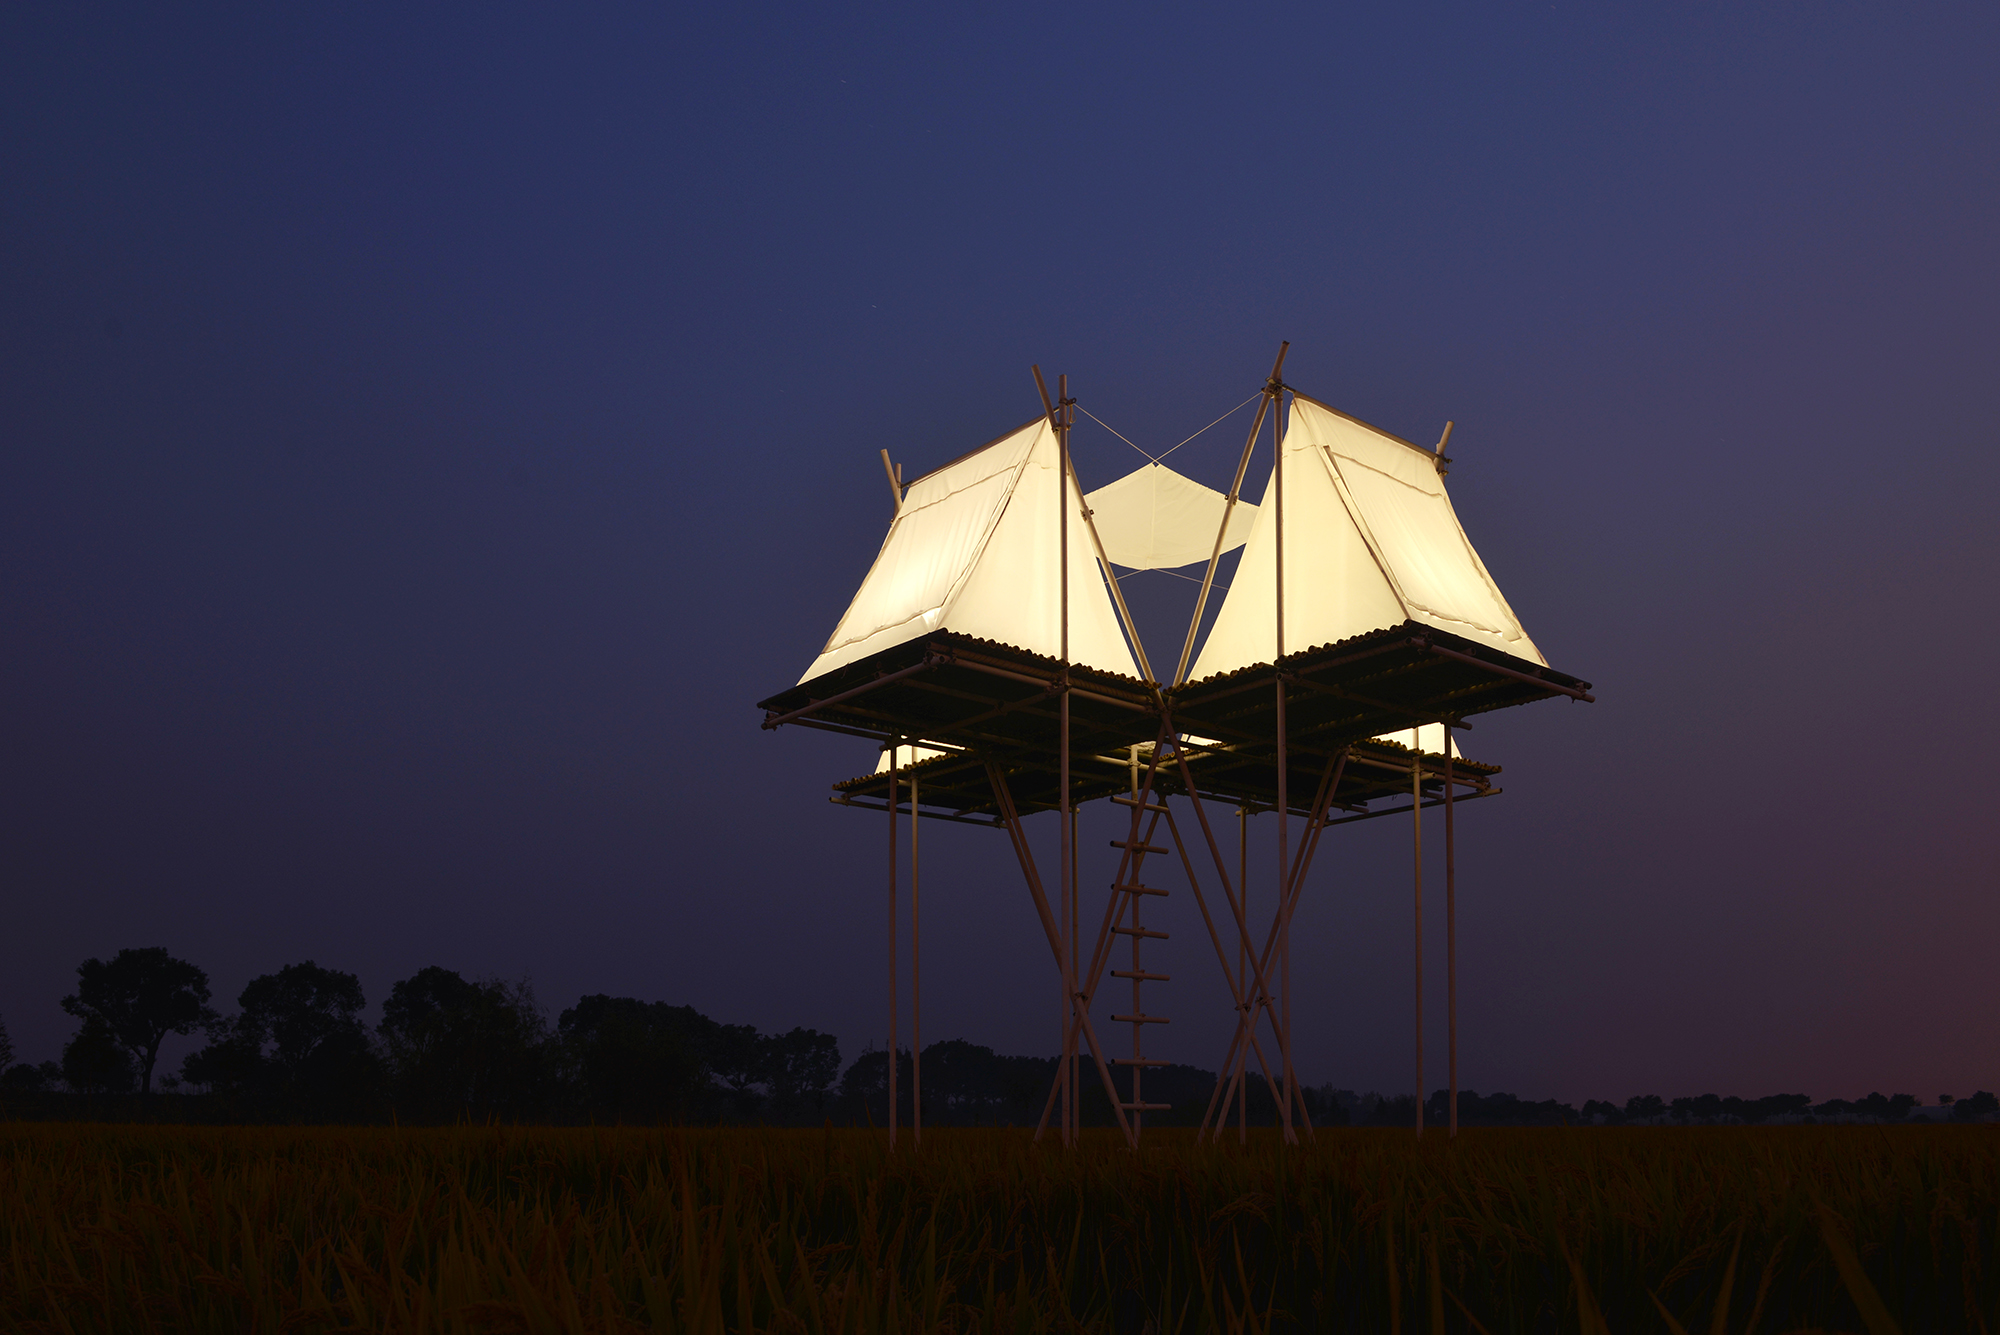 G-稻田与漂浮的庇护所 (3)